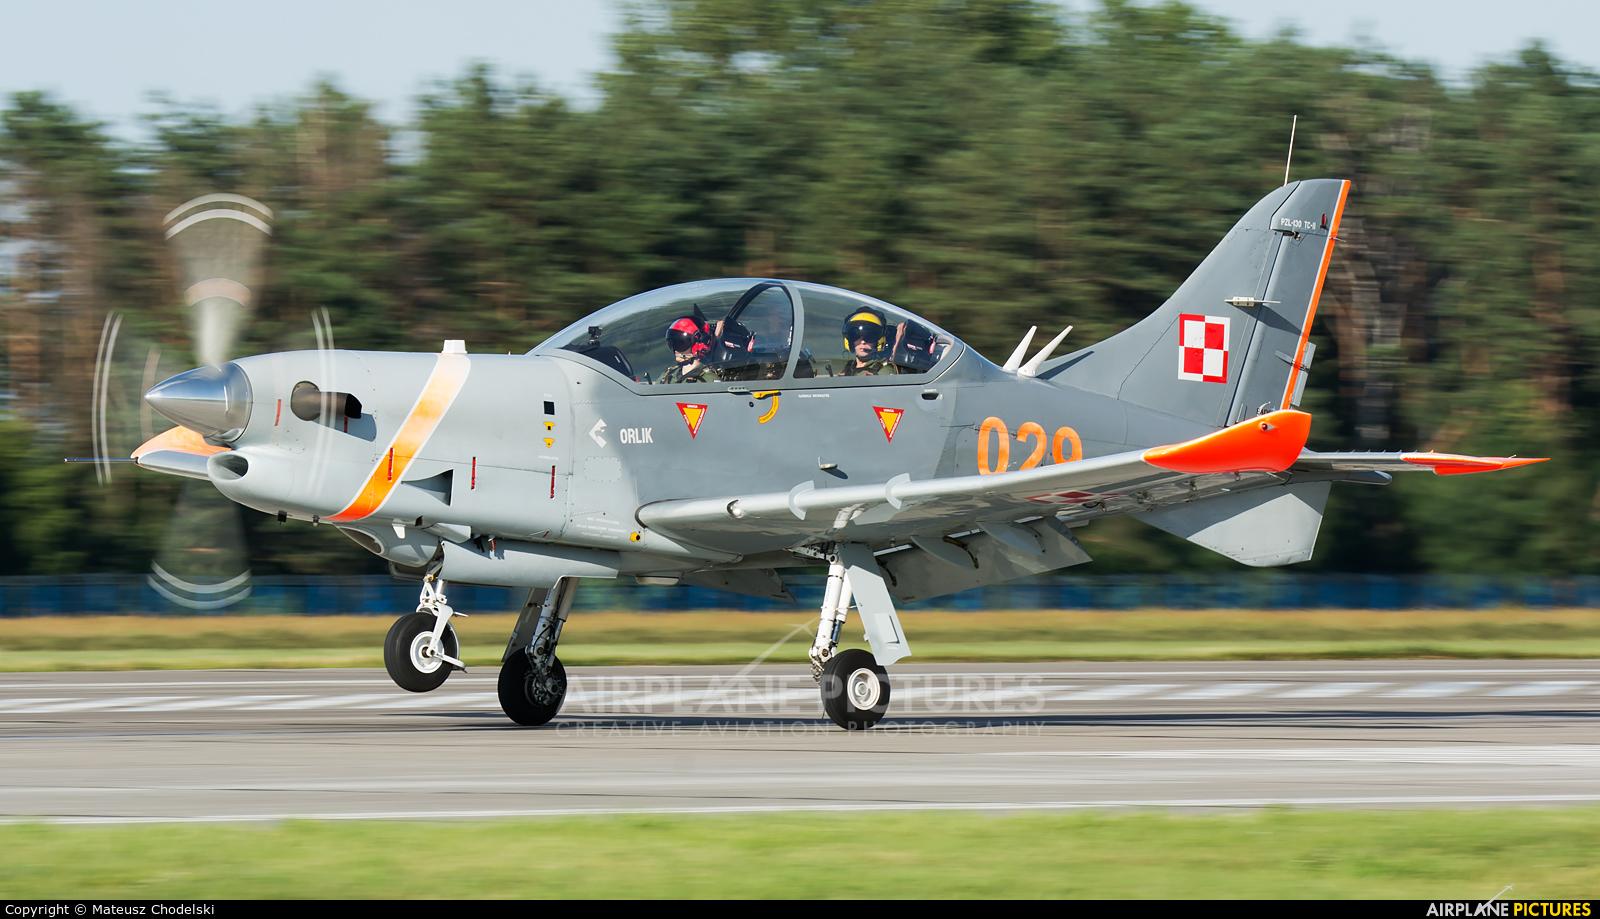 """Poland - Air Force """"Orlik Acrobatic Group"""" 029 aircraft at Dęblin"""